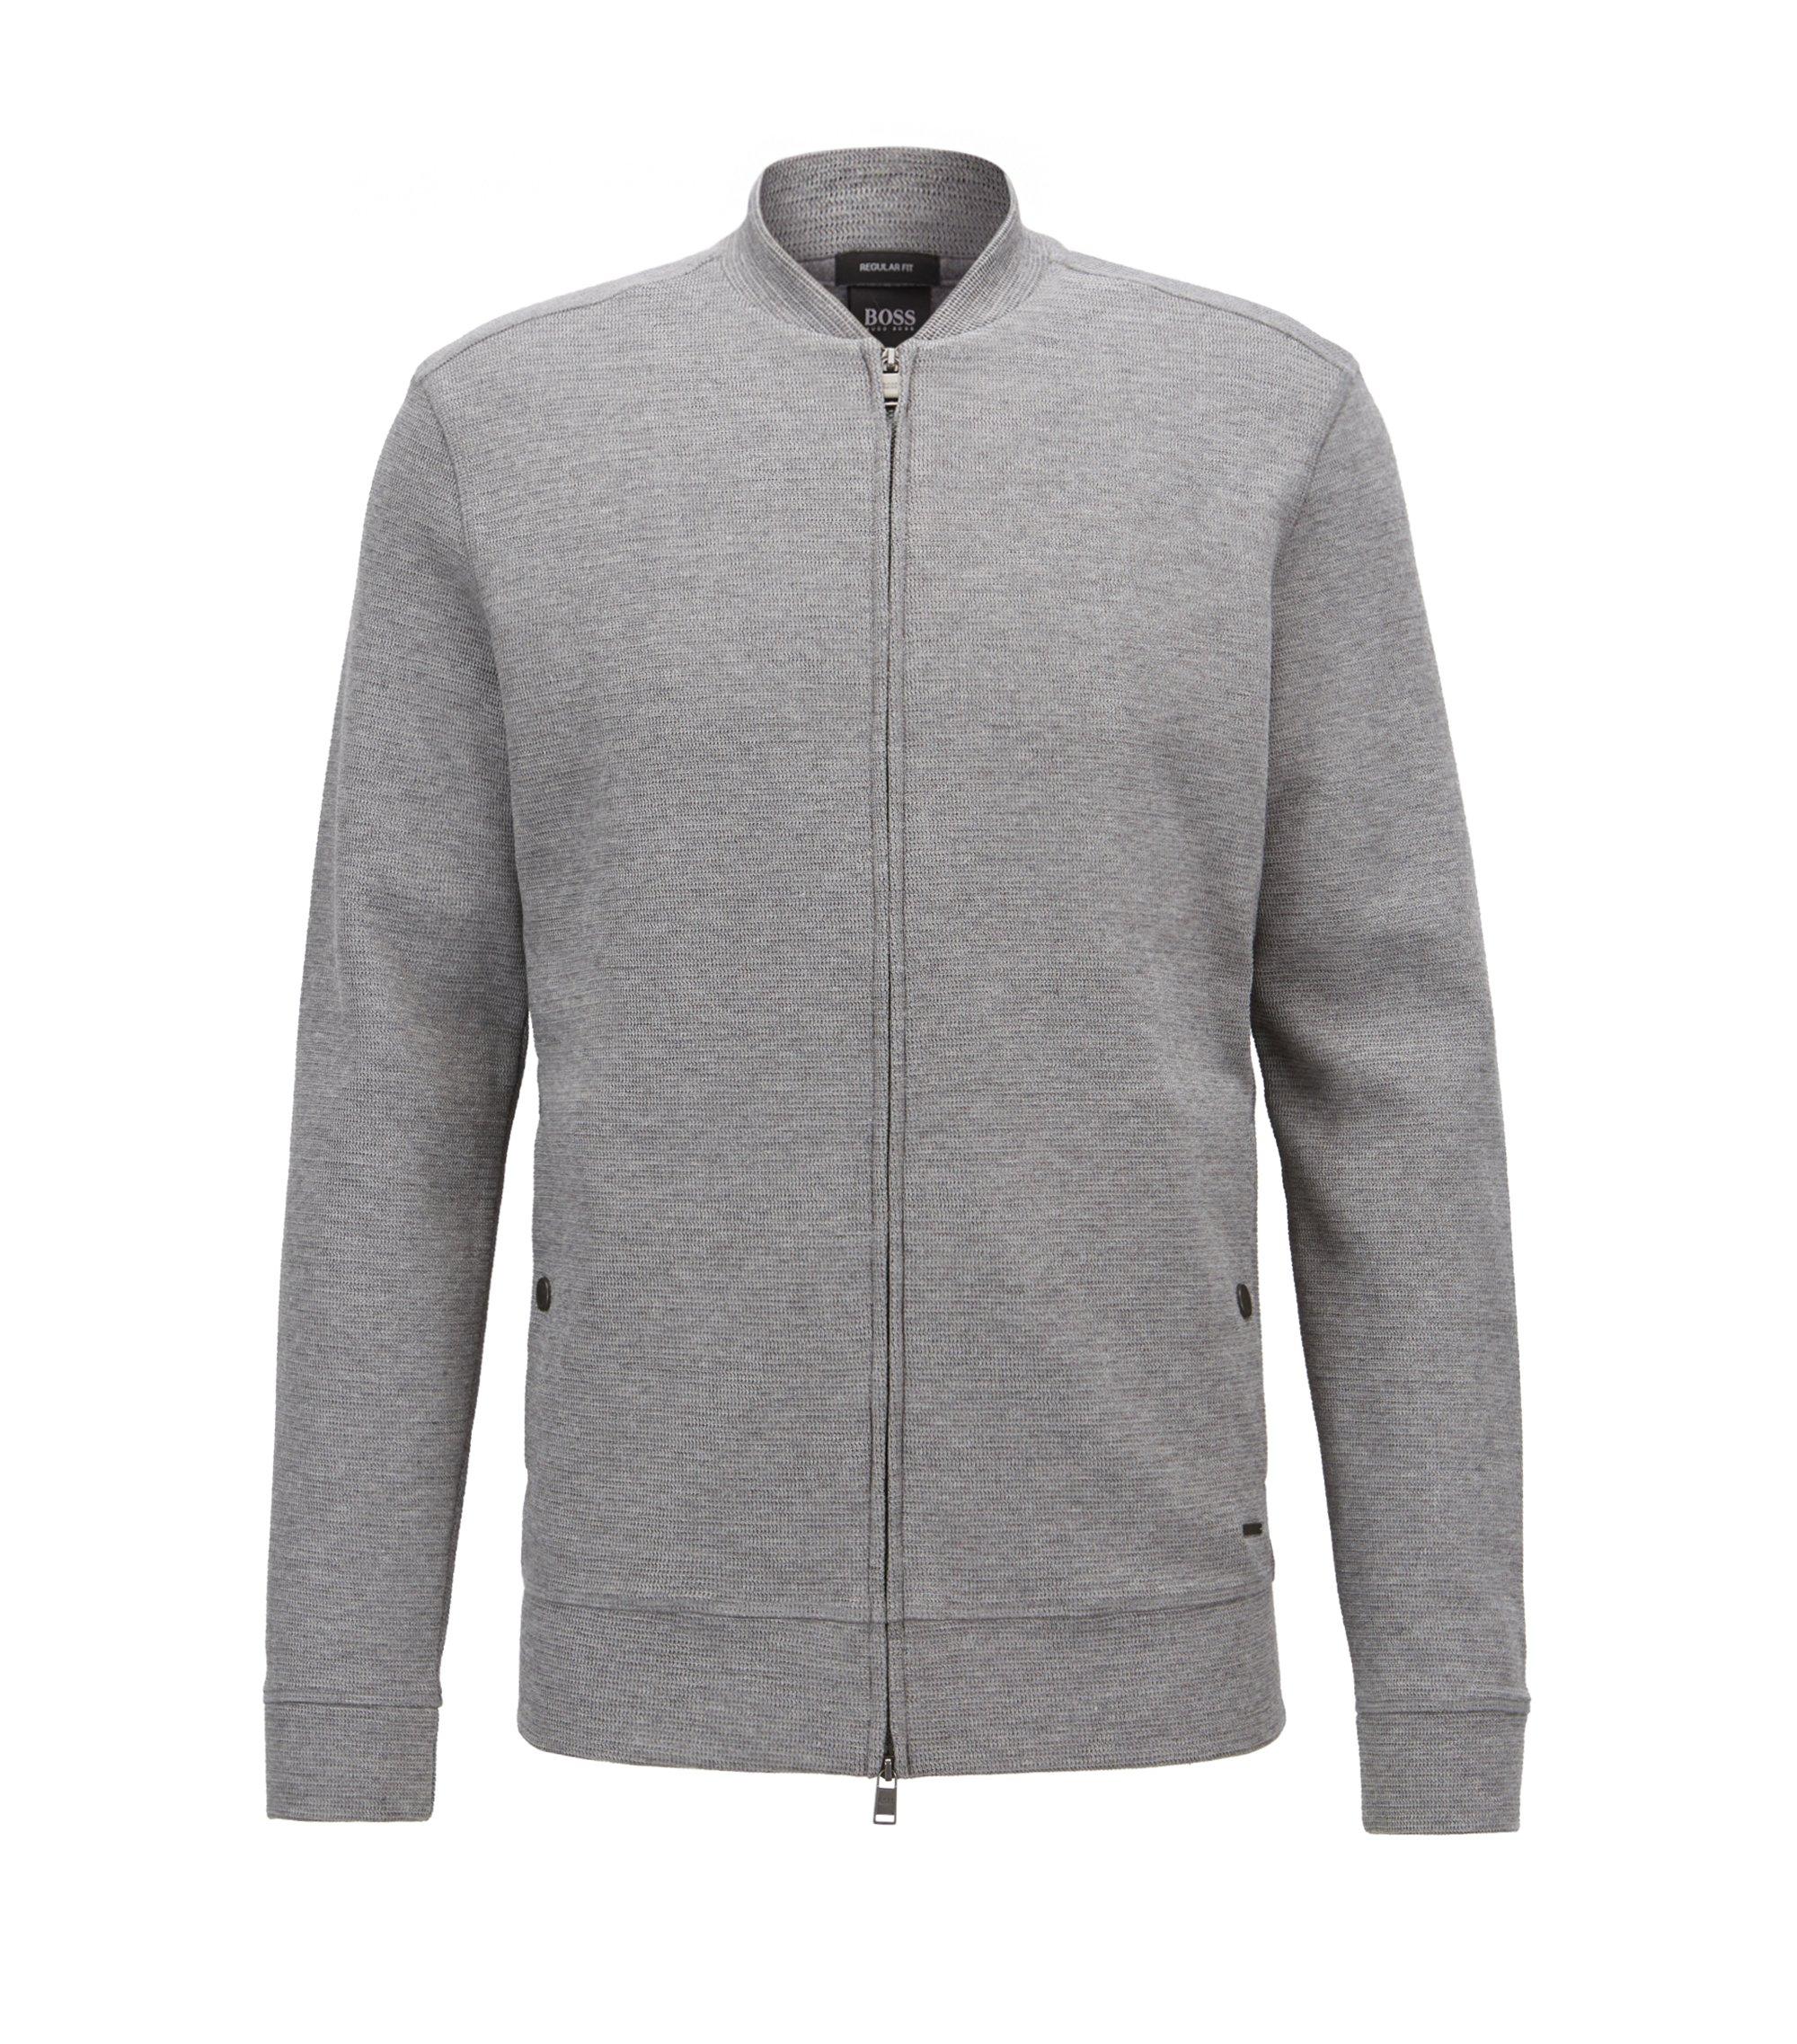 Sweatshirt aus Baumwoll-Mix mit Reißverschluss und College-Kragen, Grau